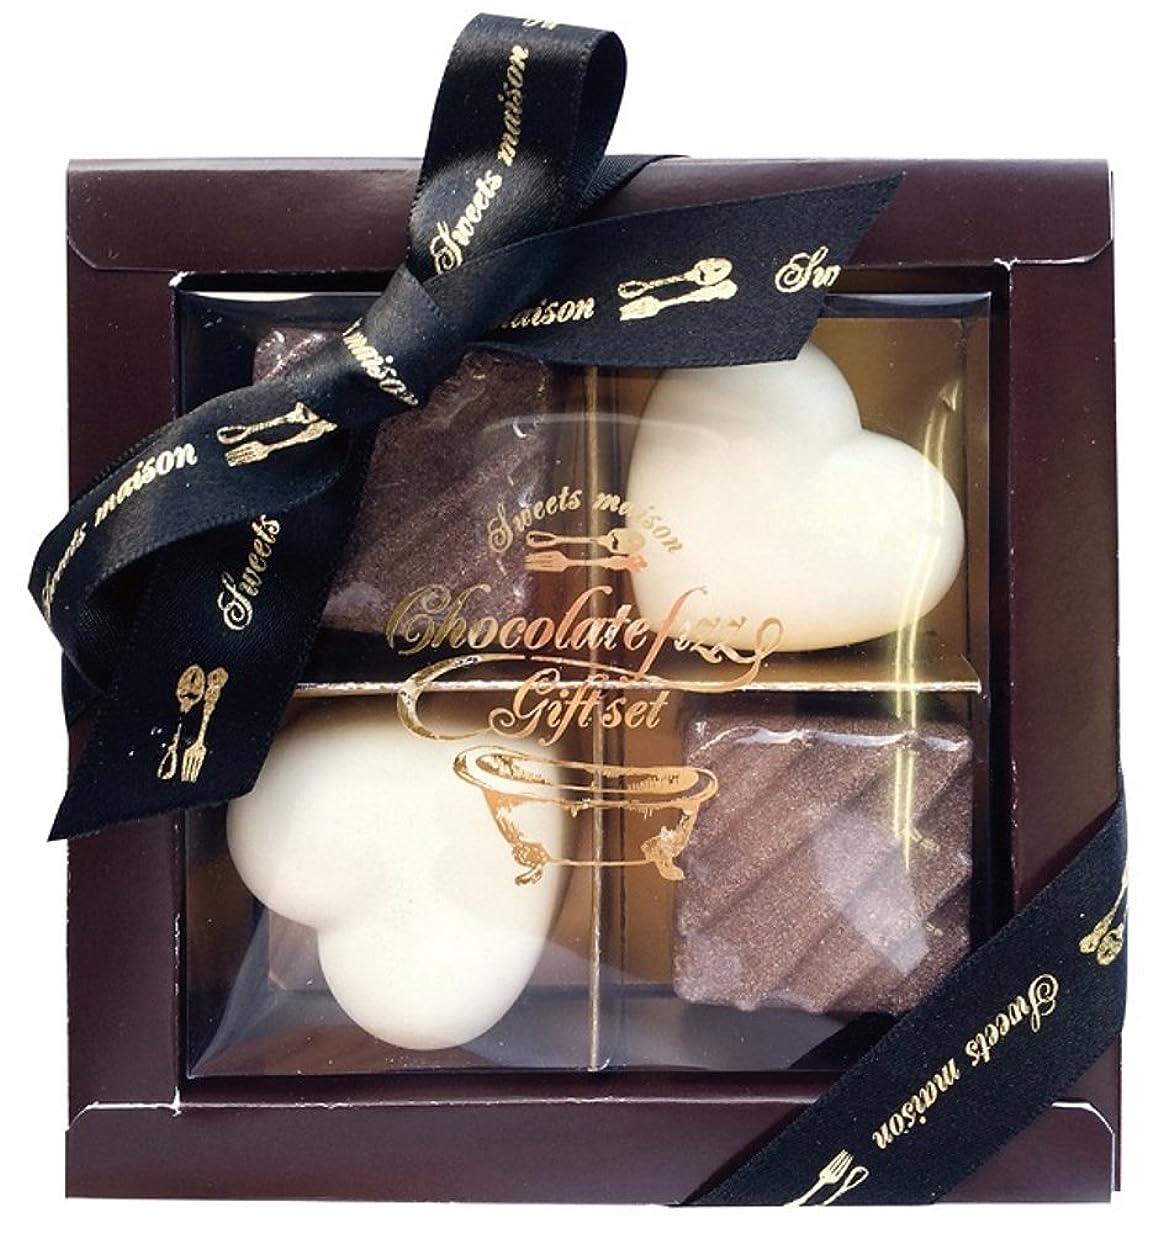 シミュレートする大事にするバンドノルコーポレーション 入浴剤 ギフトセット チョコレートフィズ ブラウンボックス OB-SMG-5-1